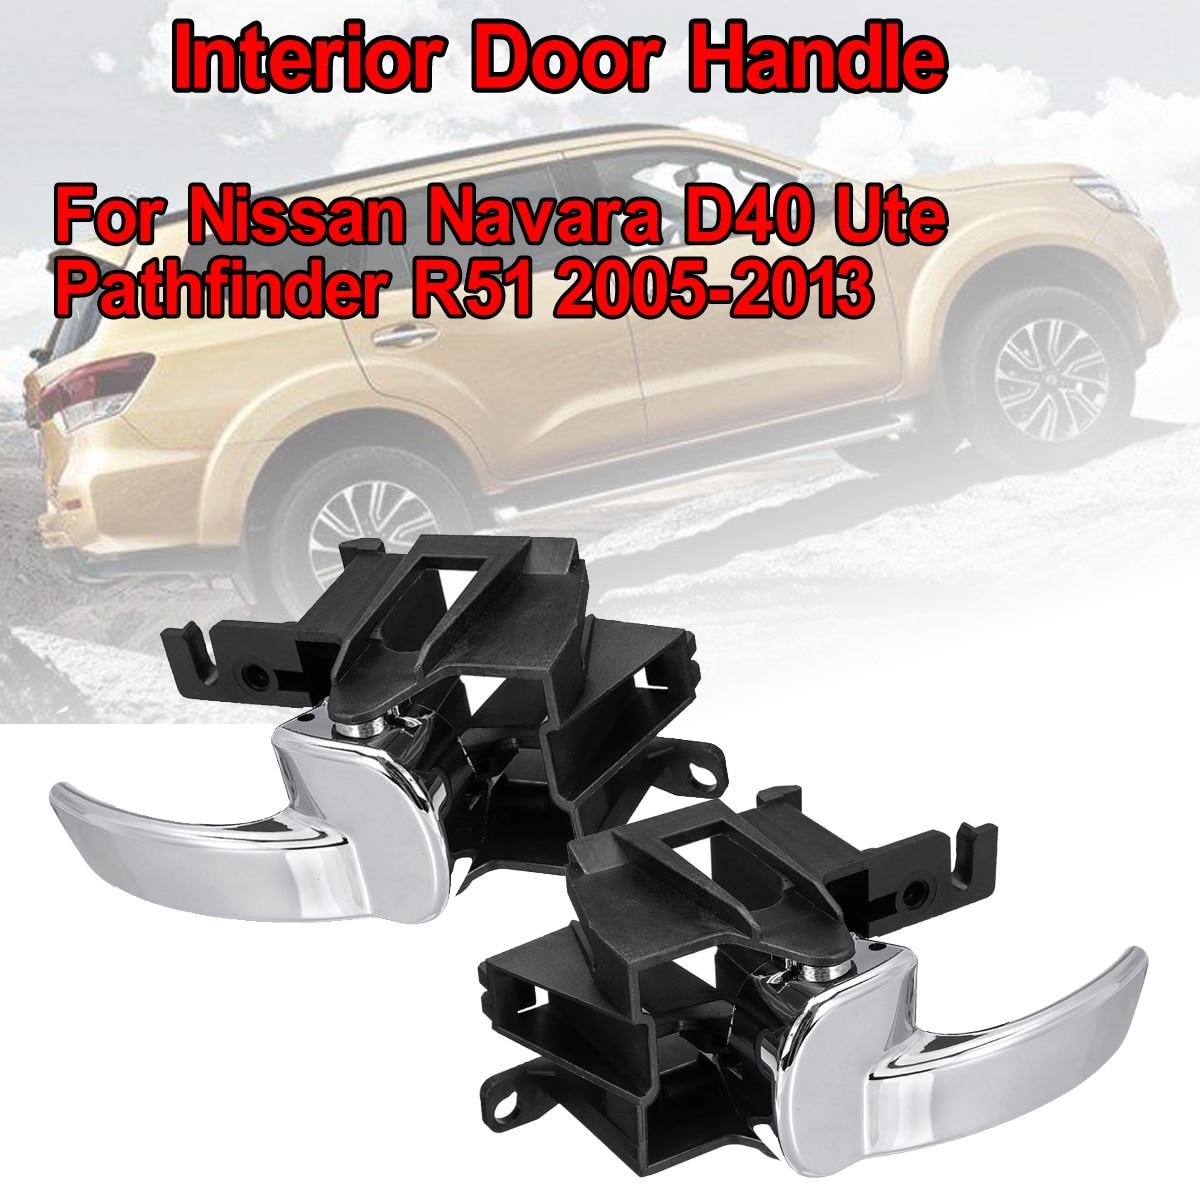 Auto Tür Griff Innen Vorne Hinten Links Rechts Für Nissan Navara D40 Ute/Pathfinder R51 2005-2013 W02-7772057-2 w02-7772057-1